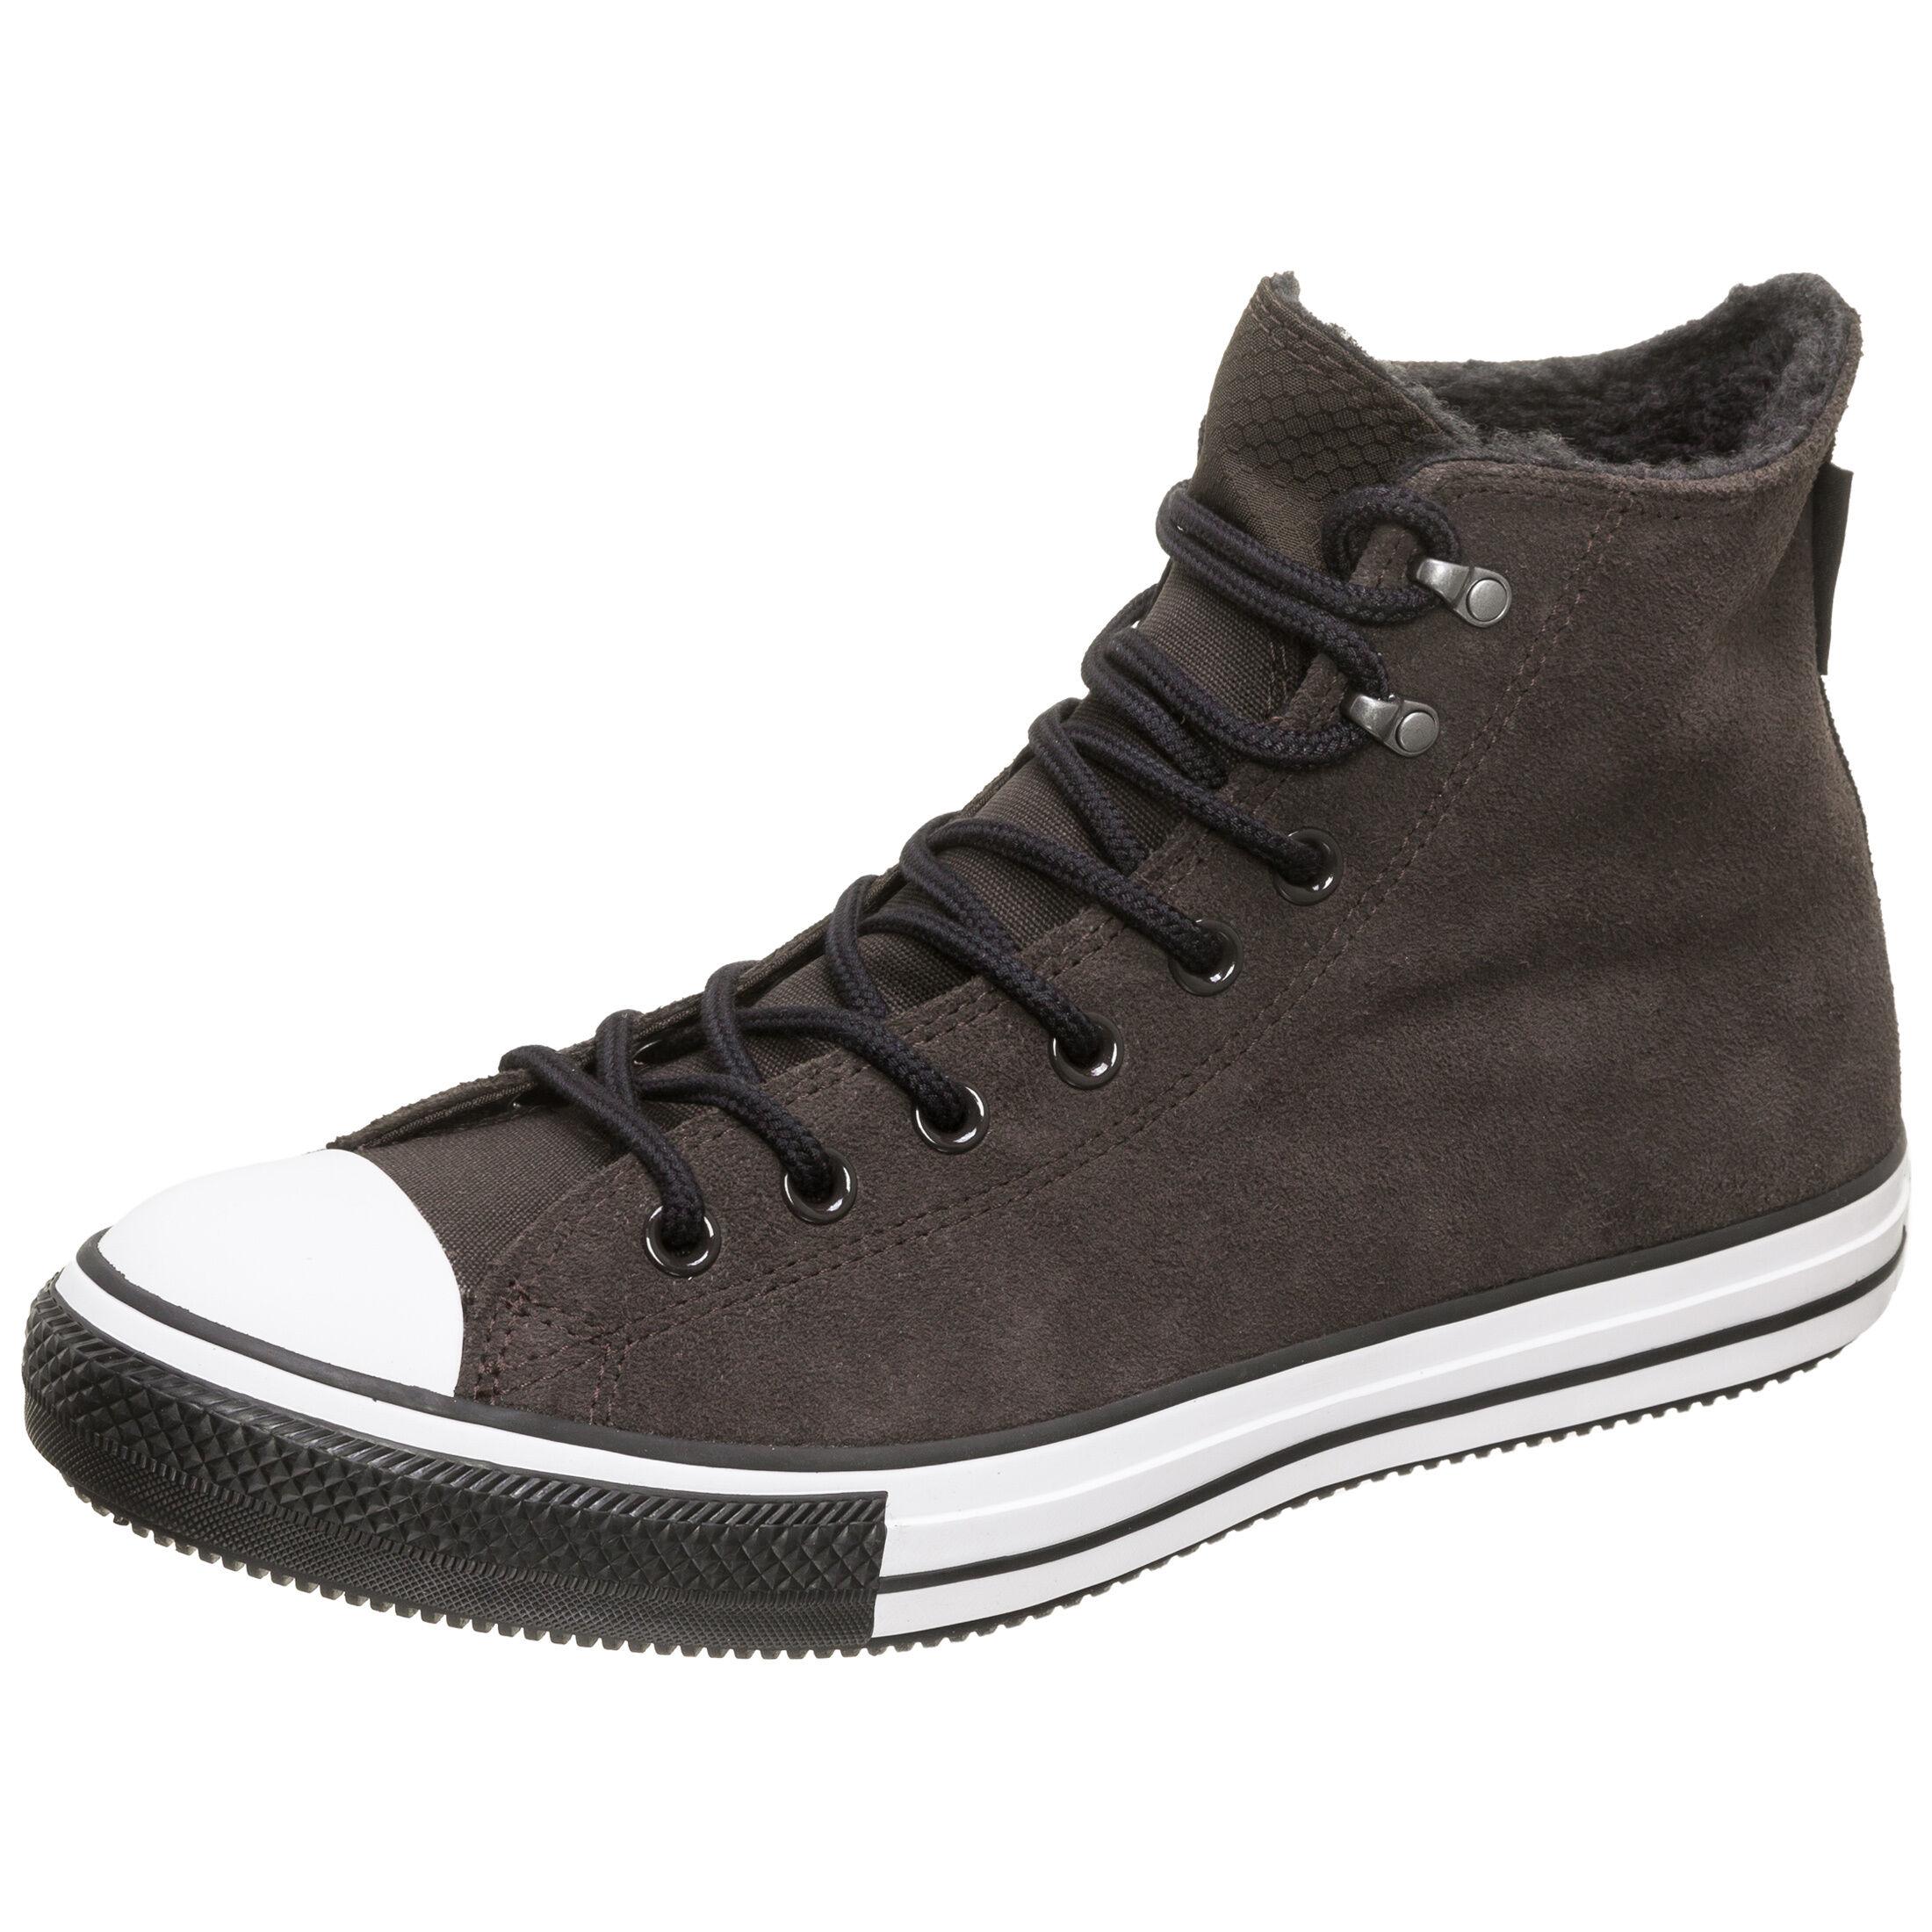 Günstig Nike Schuhe Herren Kaufen Converse Chuck Taylor